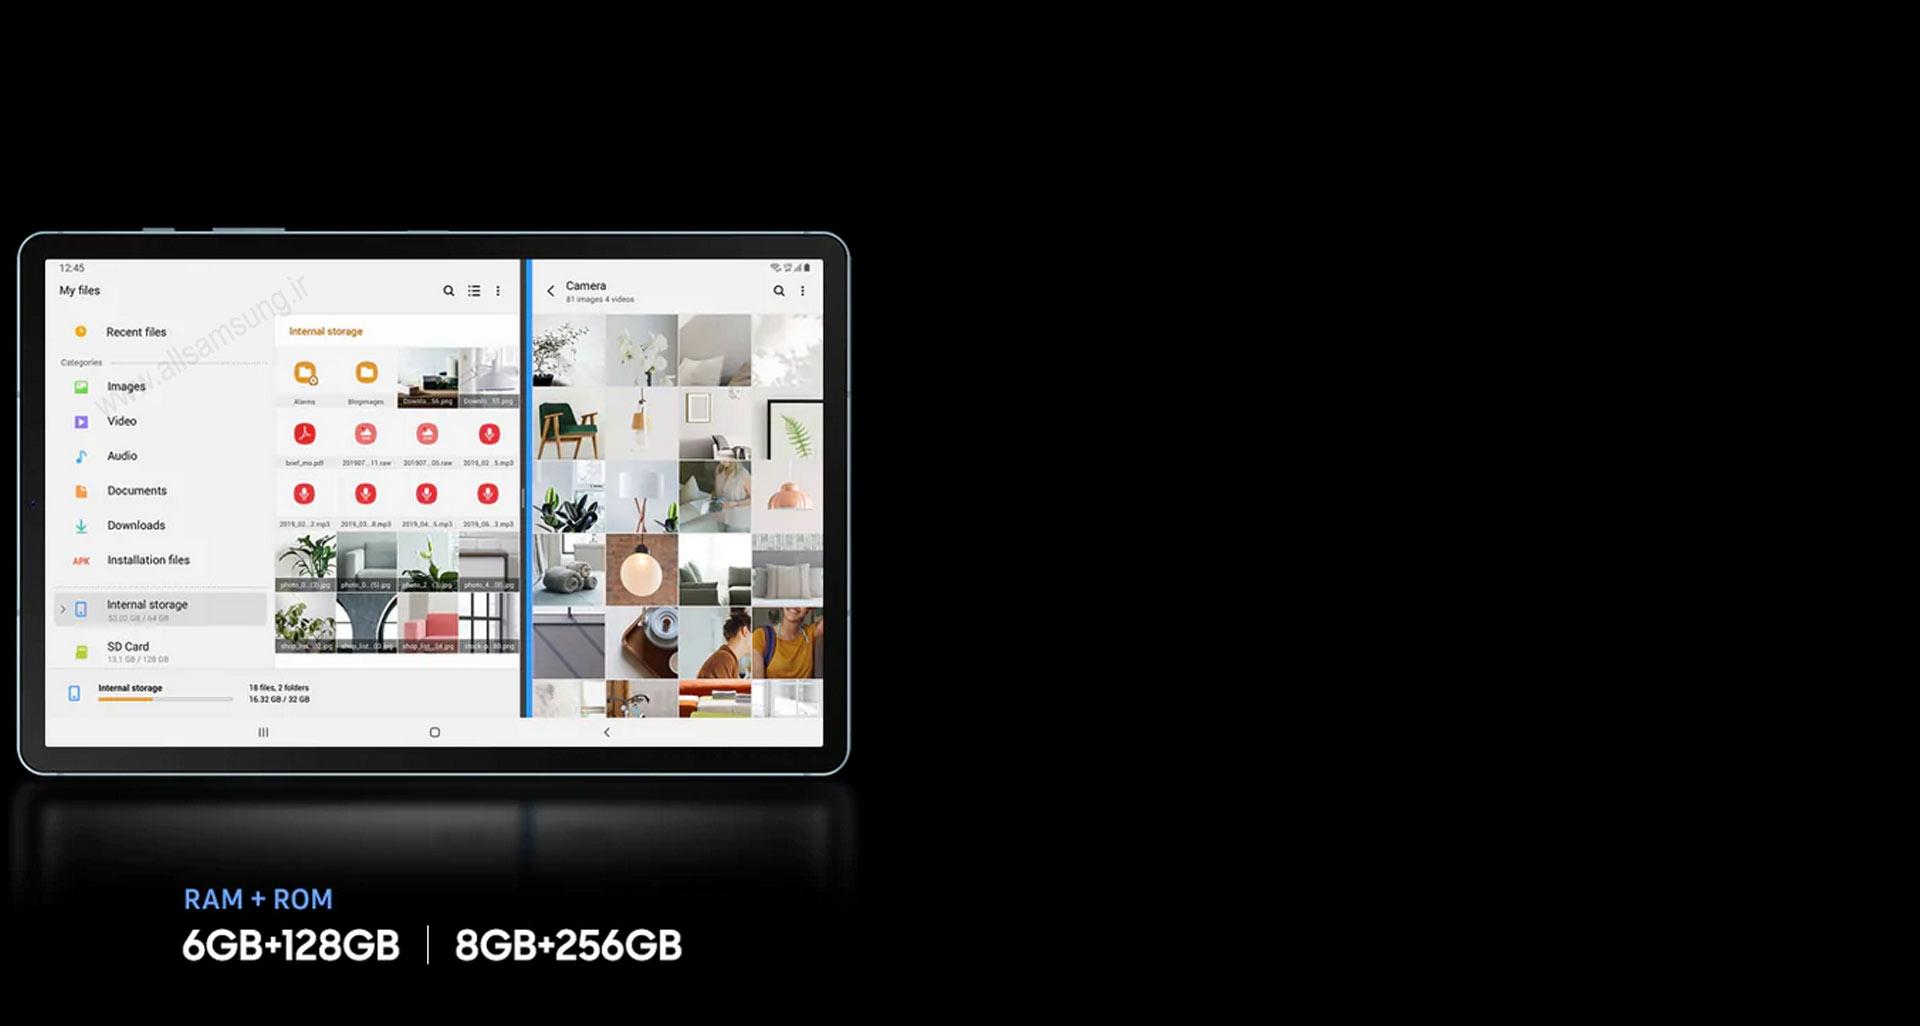 تبلت Tab S6 سامسونگ، محلی برای ذخیره محتوای مورد نظر شما